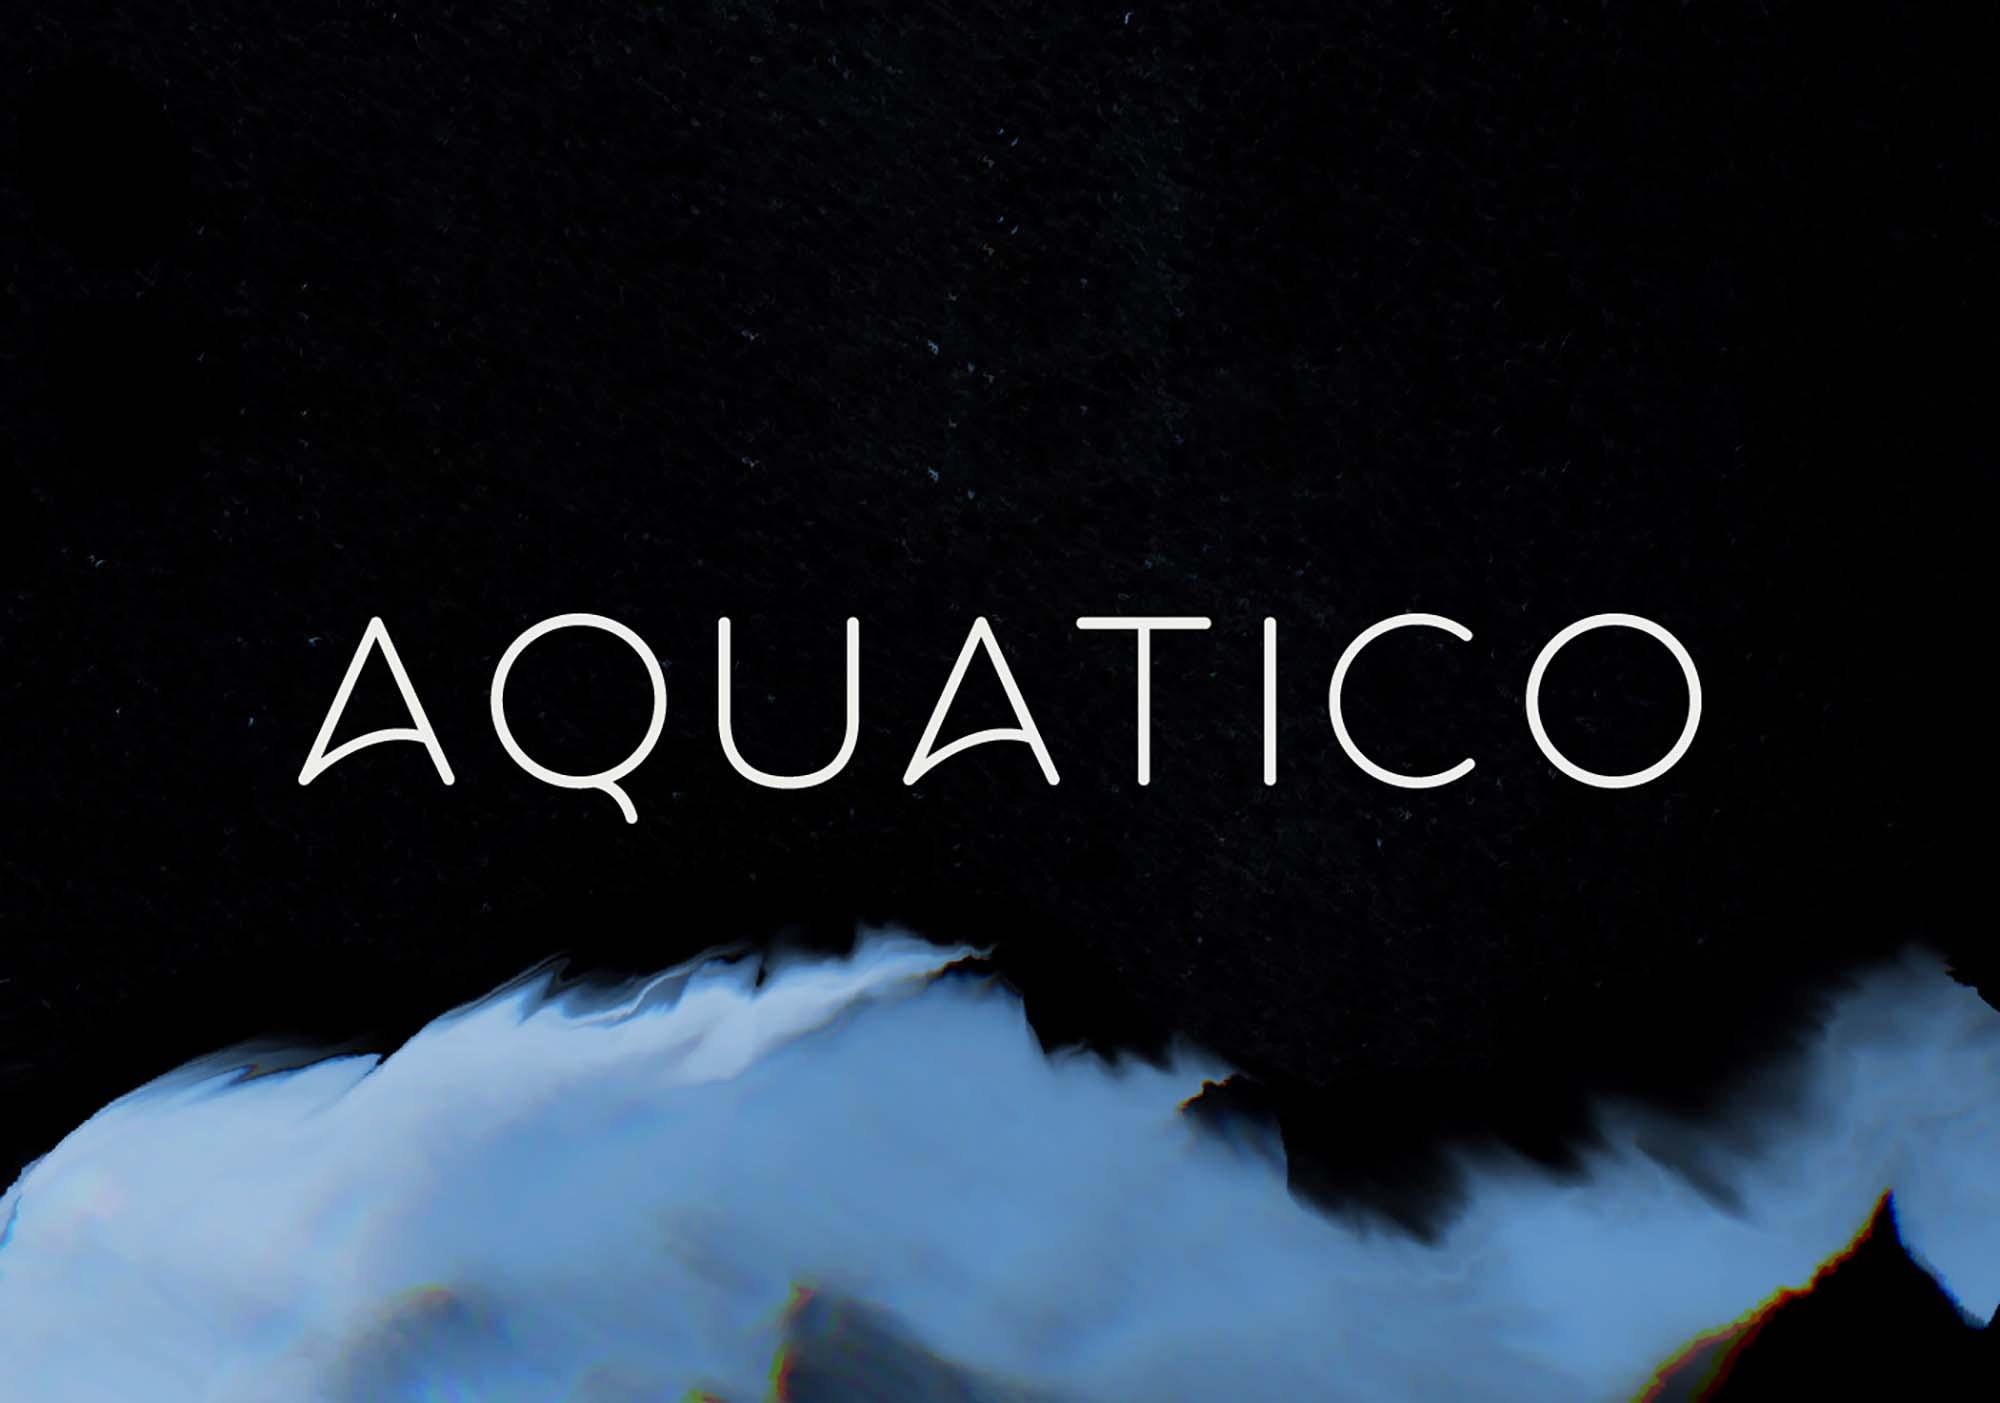 Aquatico Typeface